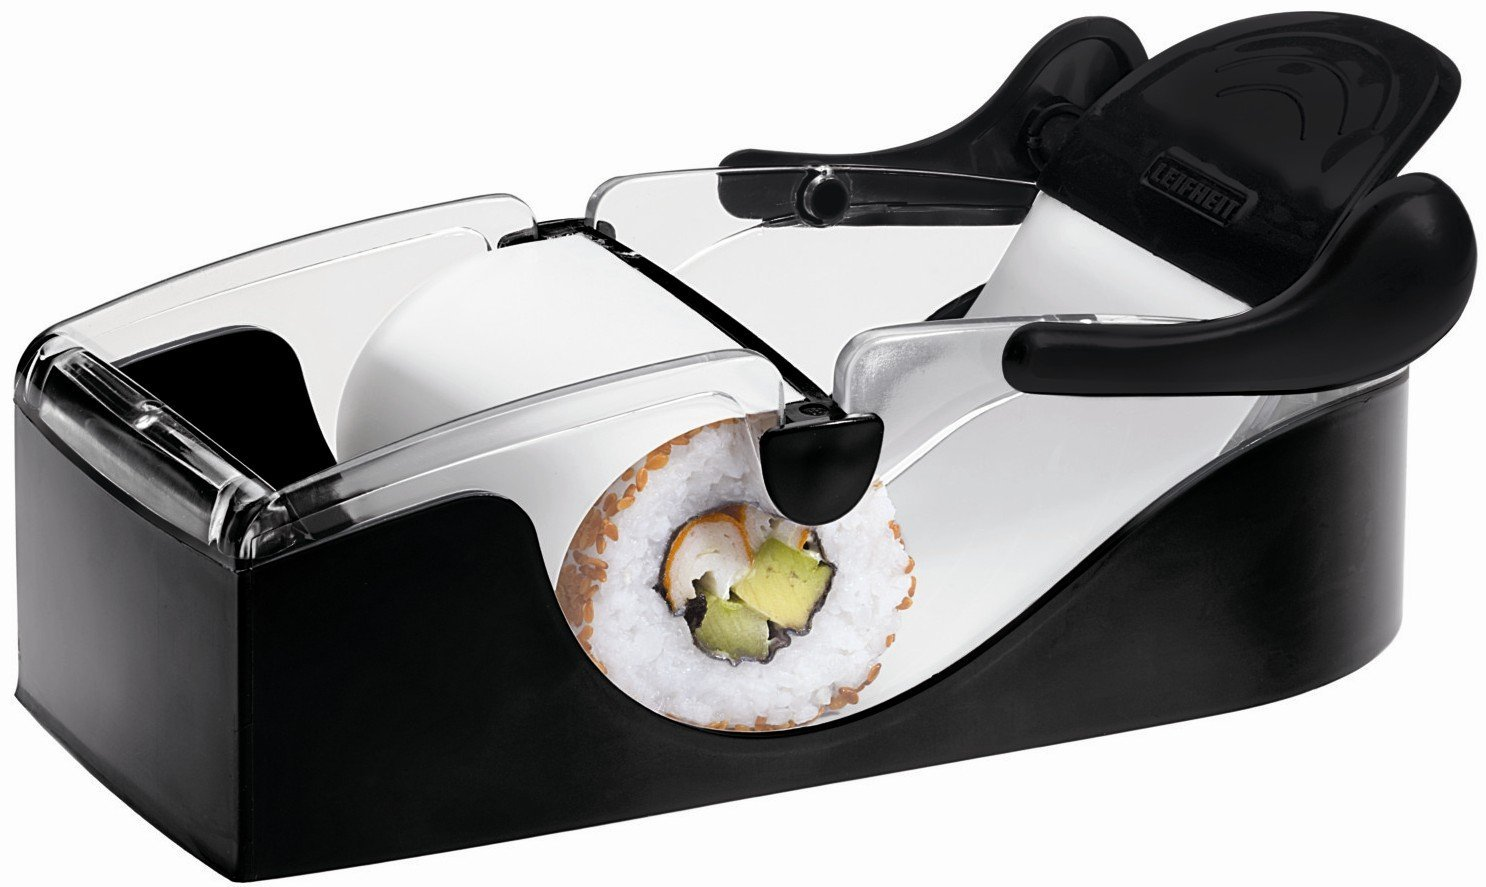 Macchina per fare il sushi - Dettaglio